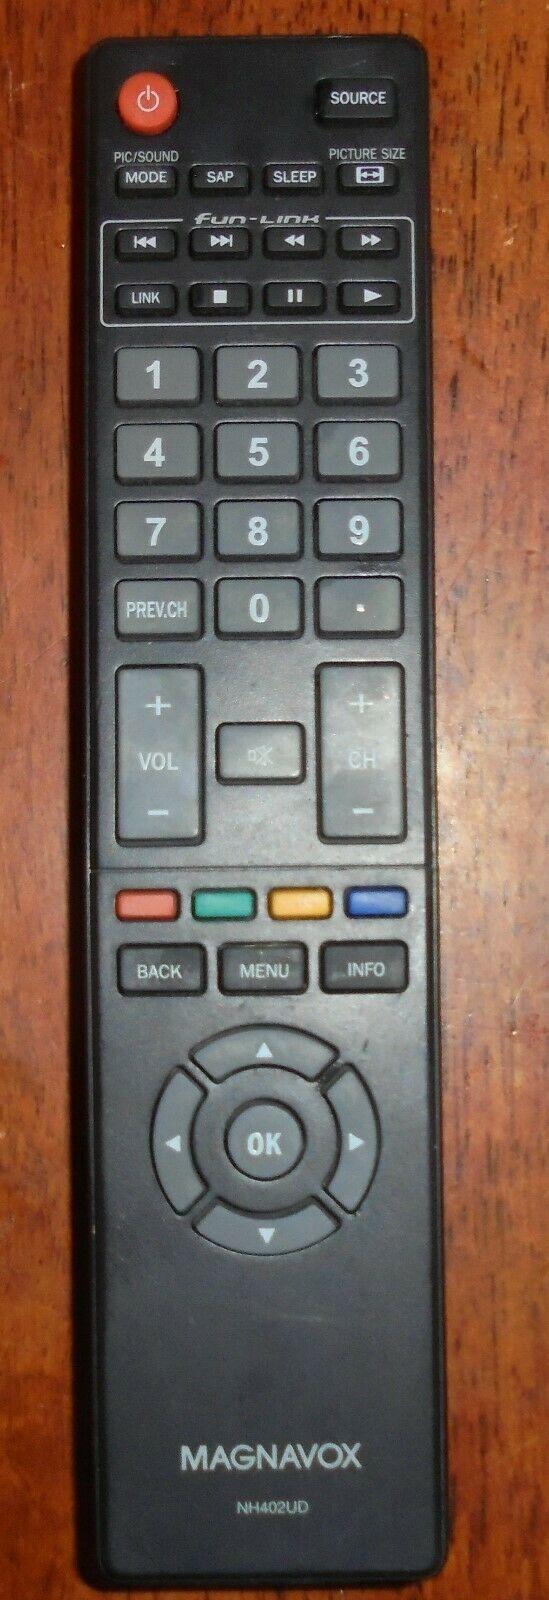 Genuine Magnavox NH402UD Remote Control for 39ME413V/F7, 46ME313V/F7, 50ME313V/F